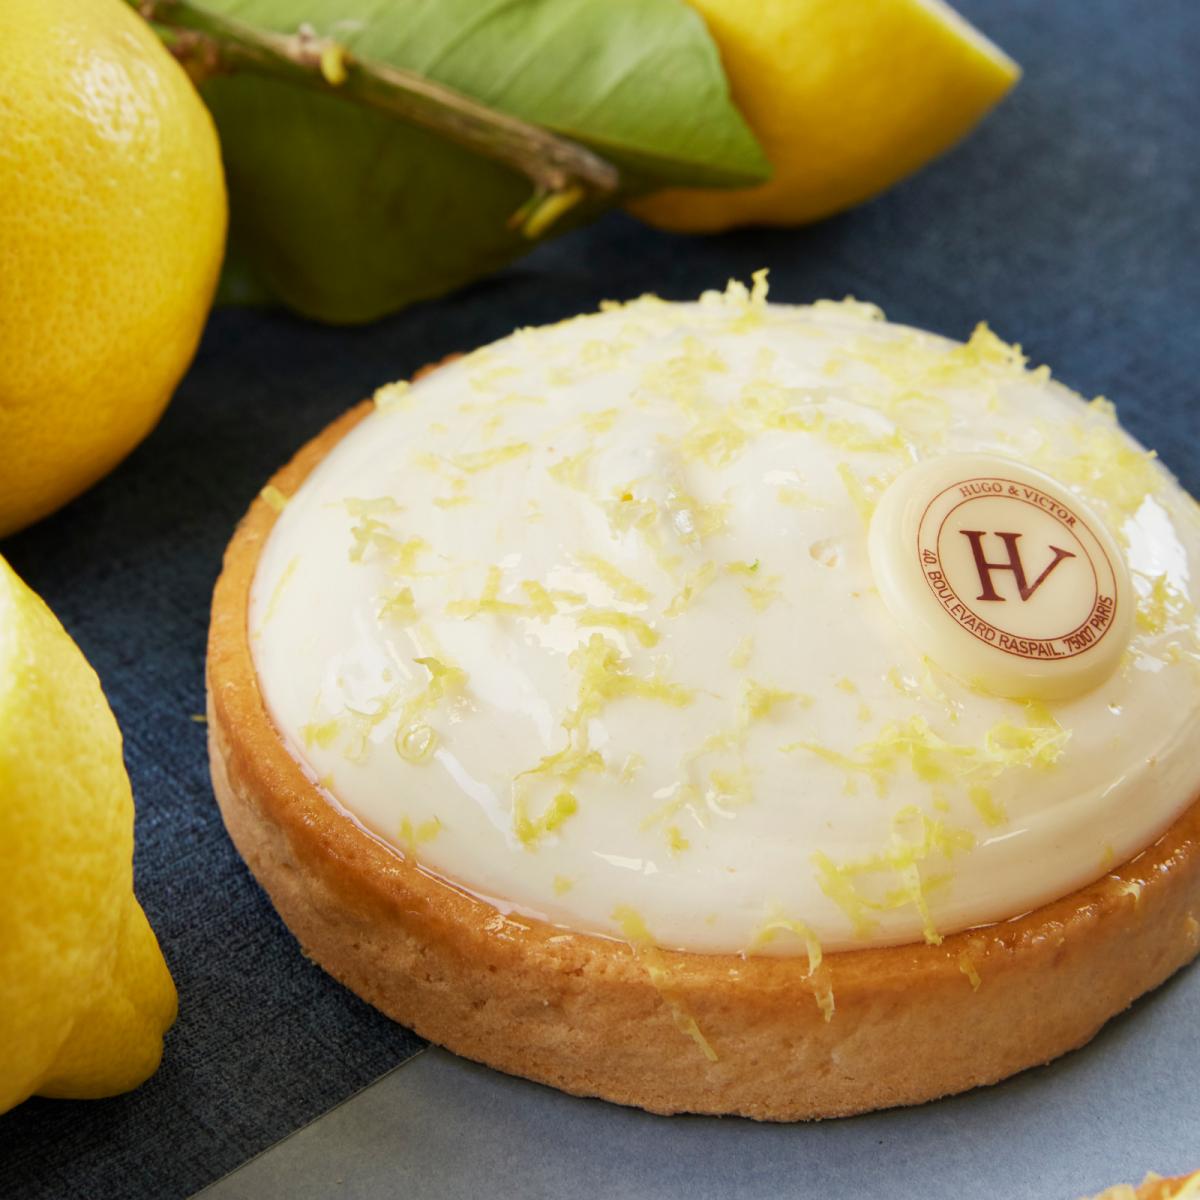 Tarte Citron de Menton